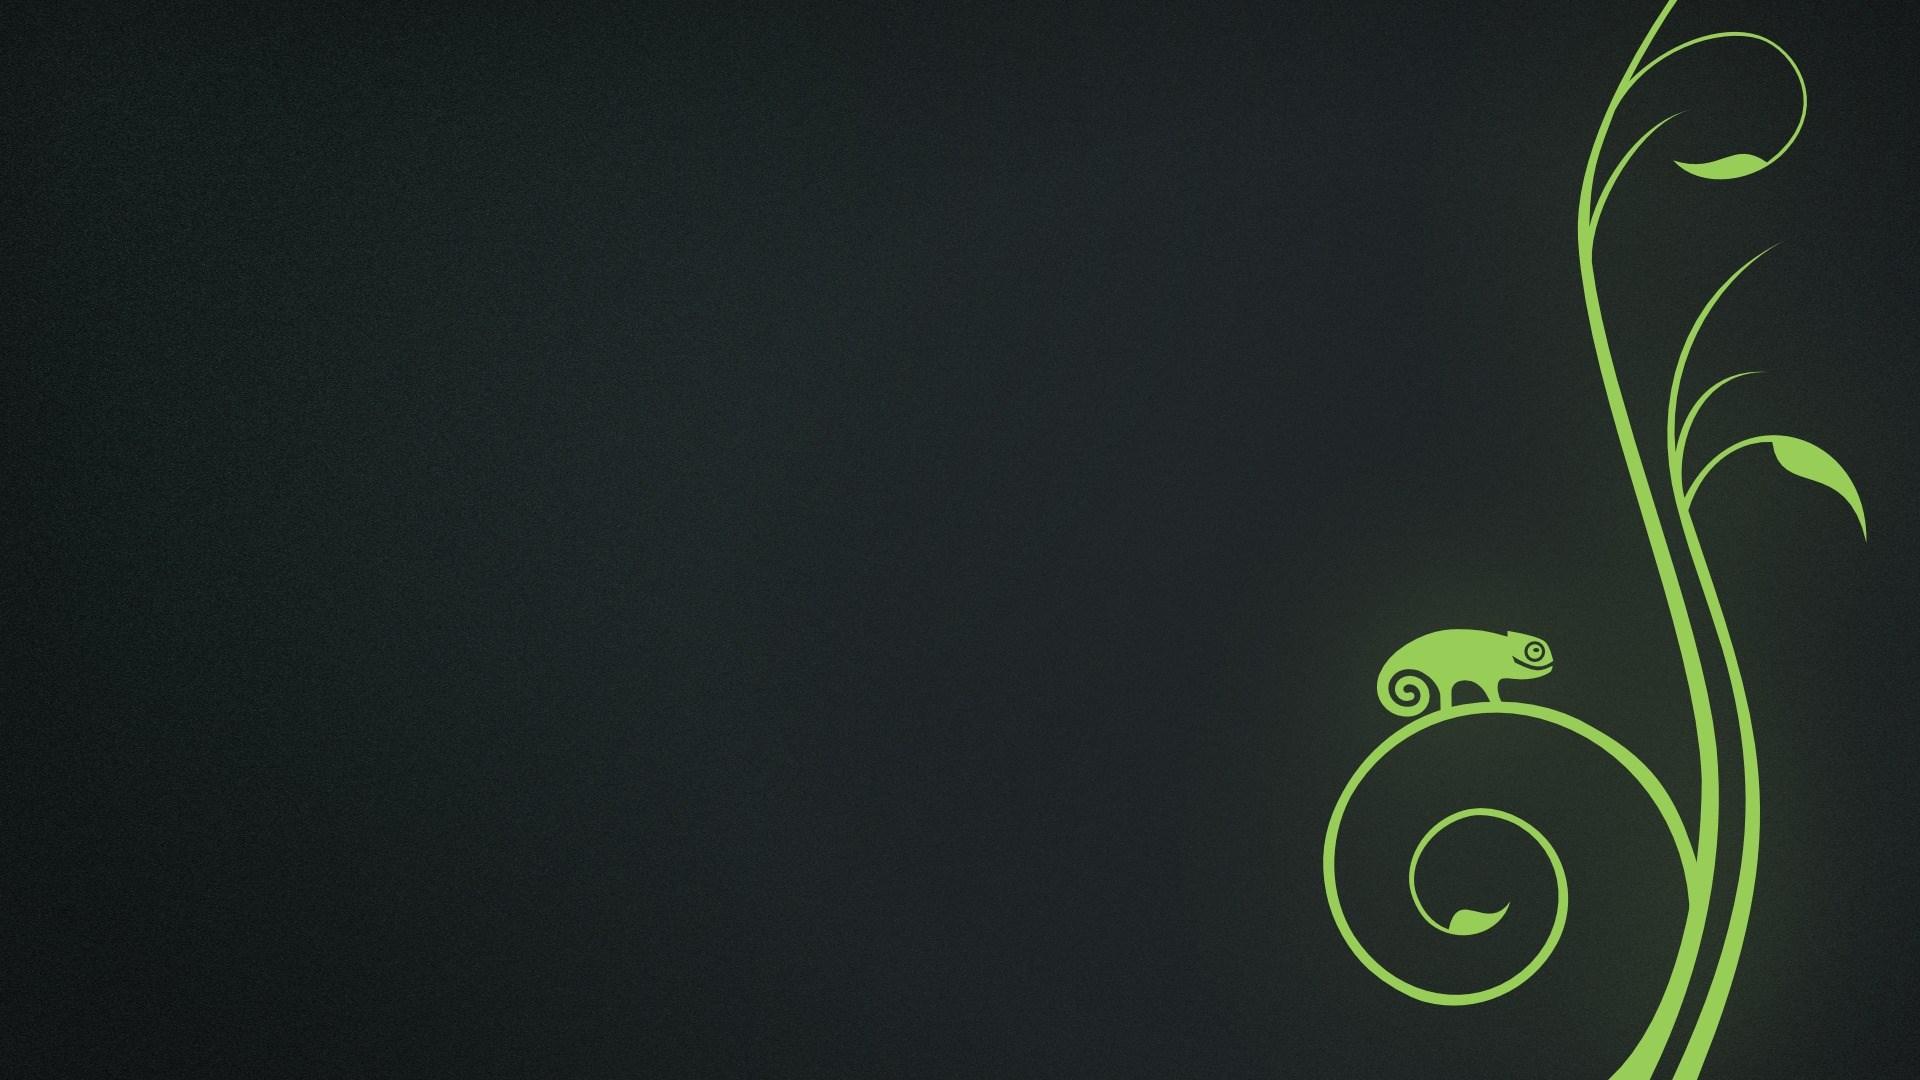 Chameleon Green Art